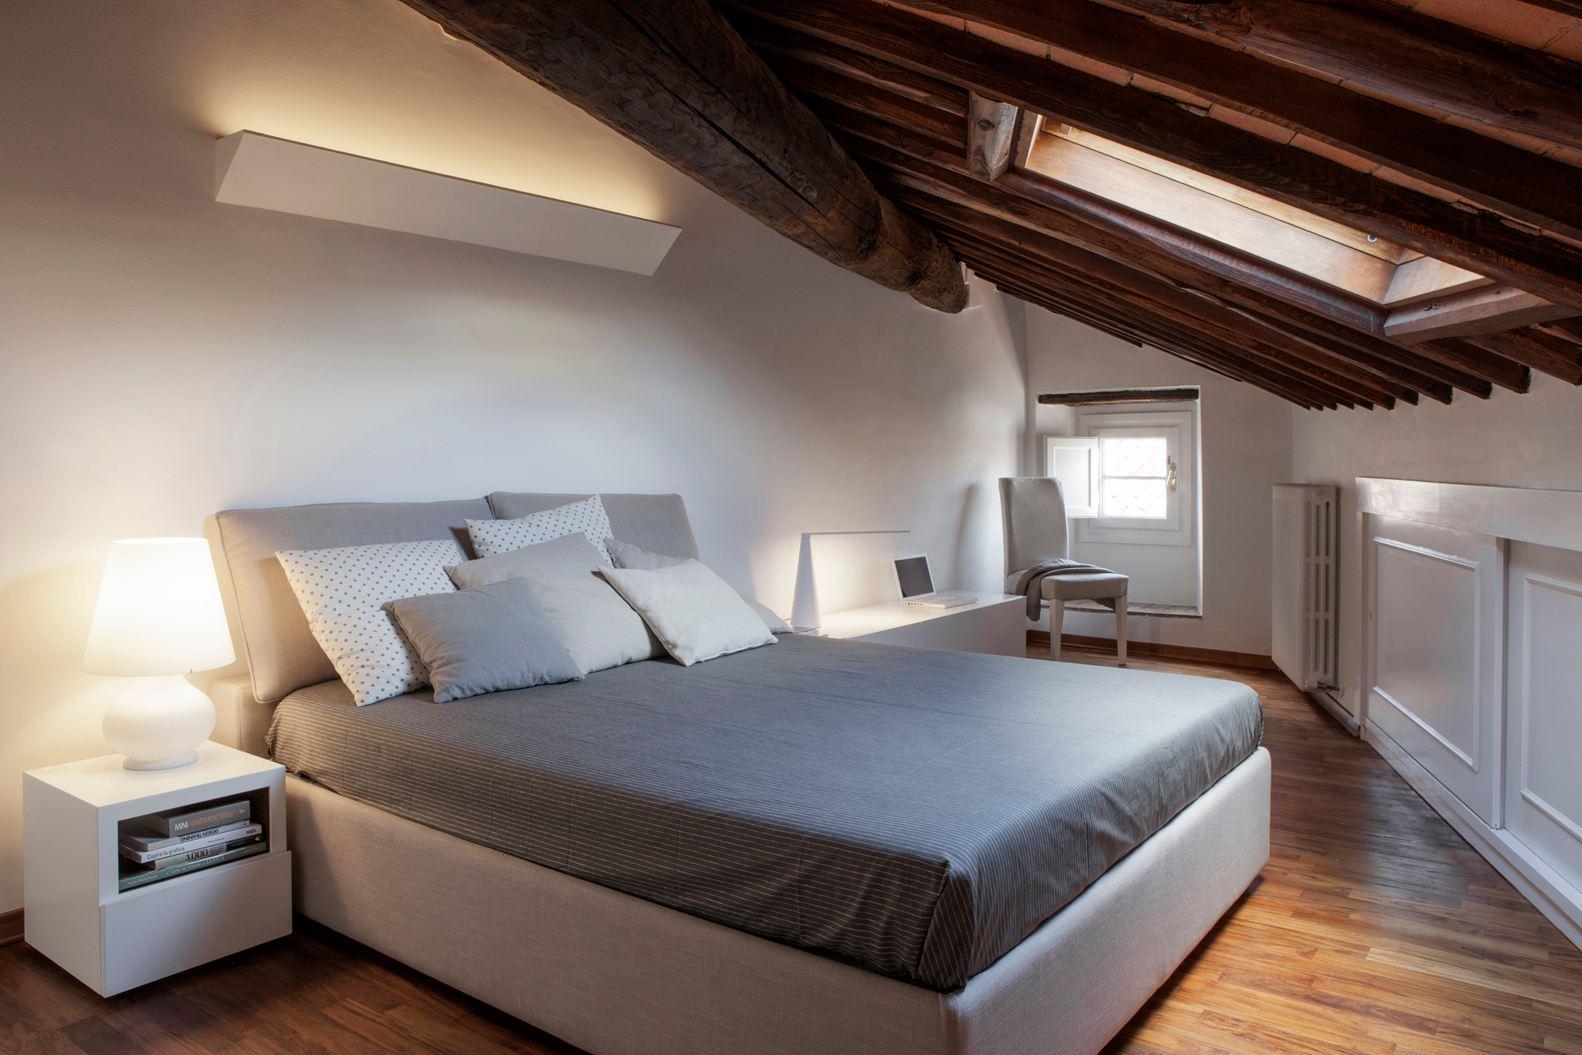 Consigli per sfruttare il sottotetto in toscana for Camera da letto matrimoniale in mansarda